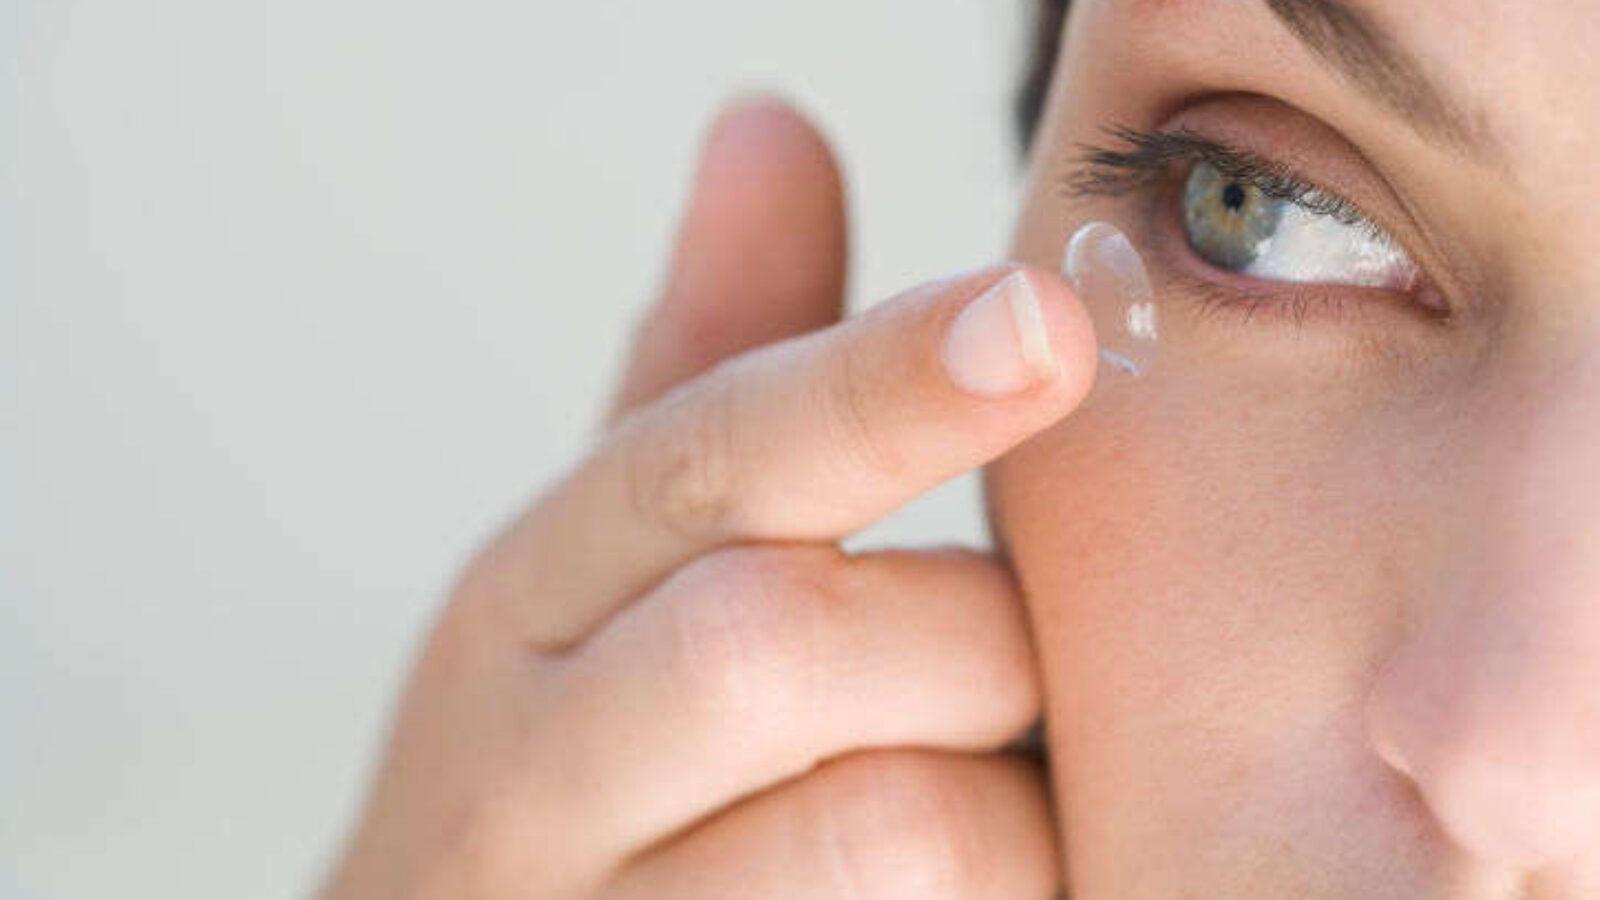 Sehhilfen: Haben Sie den Durchblick?